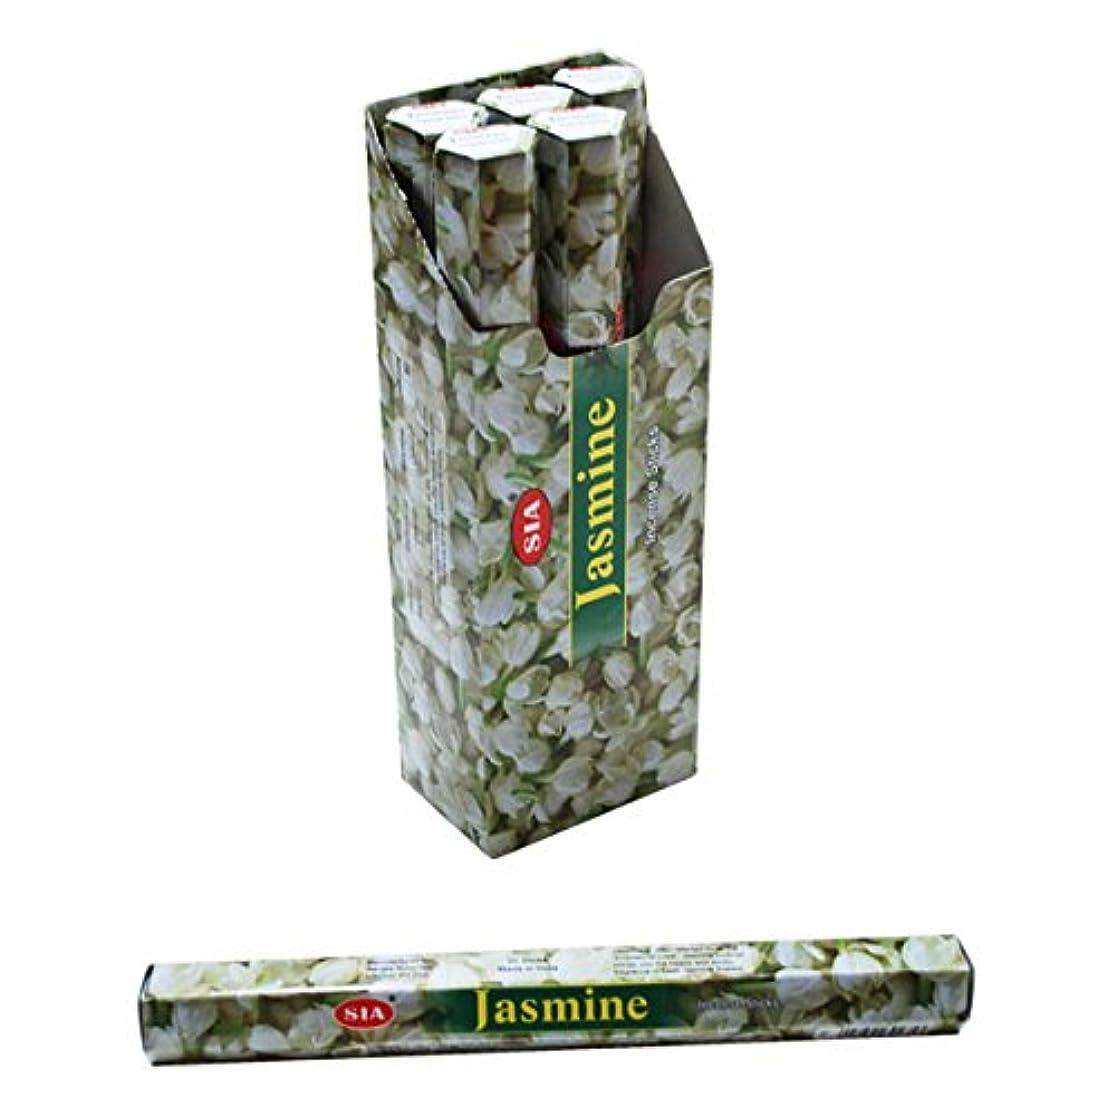 家族筋肉のバルーンお香スティック - ジャスミン - 60本